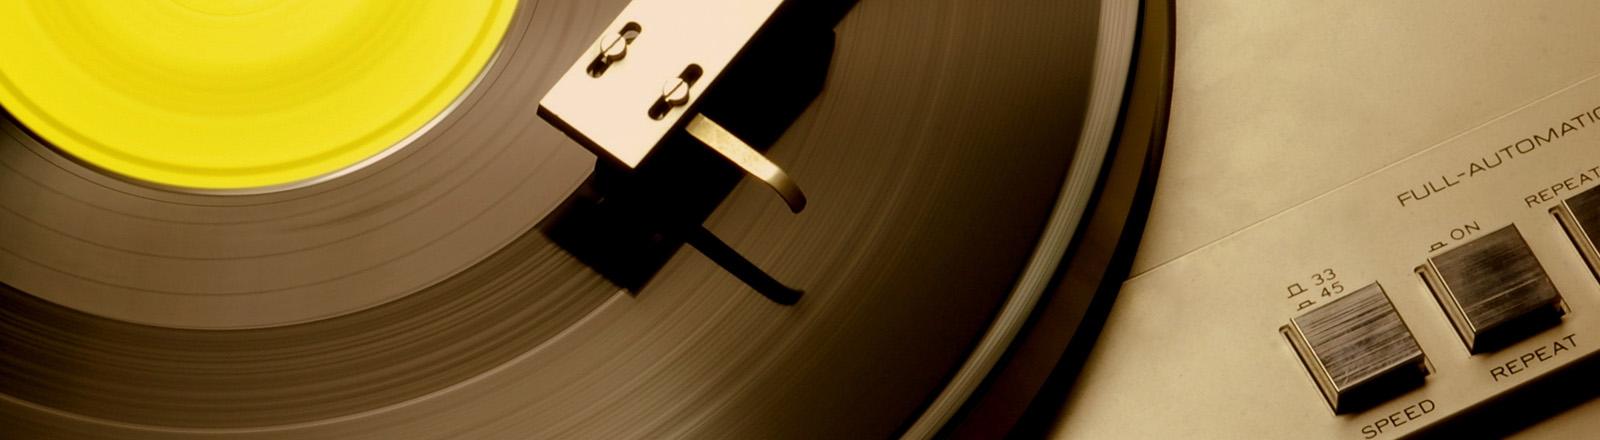 Eine silberne Plattennadel läuft über eine Vinyl.